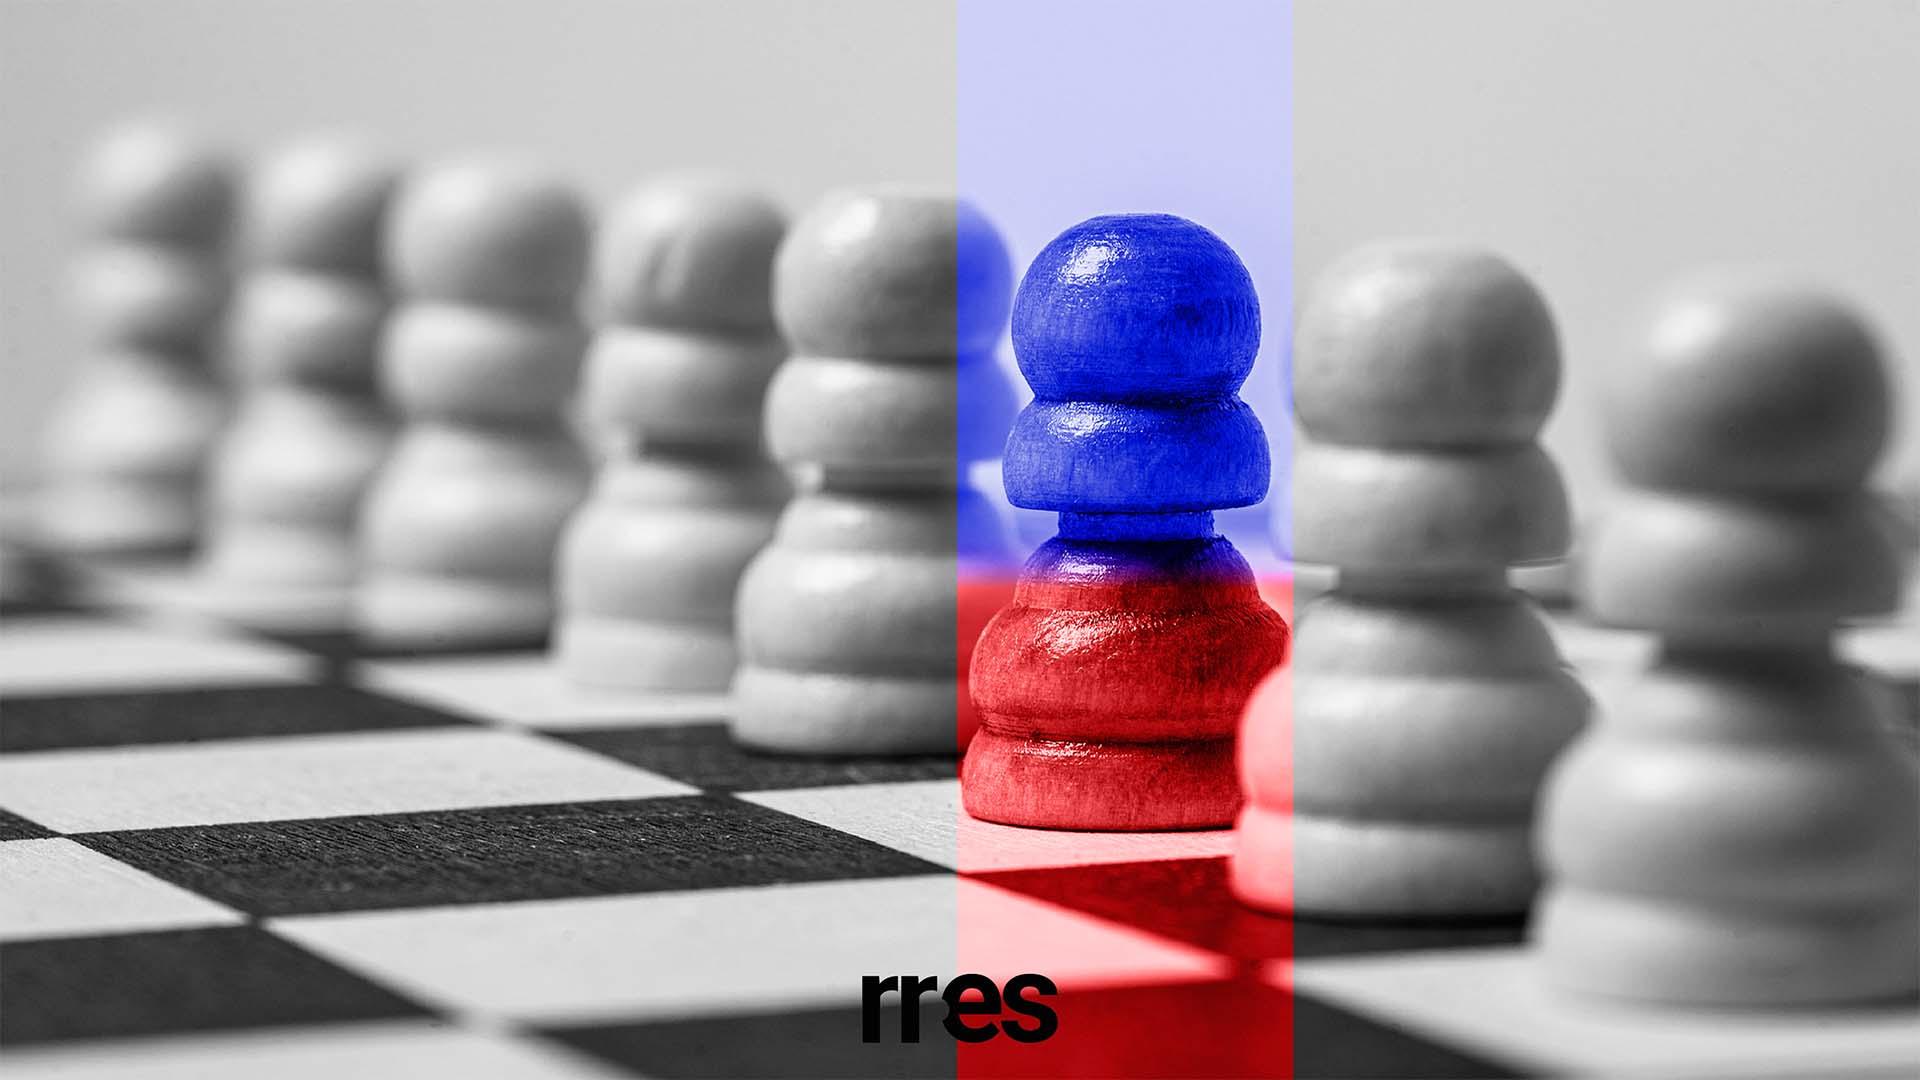 Nuestra América es prioridad para el liderazgo latino de los EE. UU., por Leopoldo Martínez Nucete